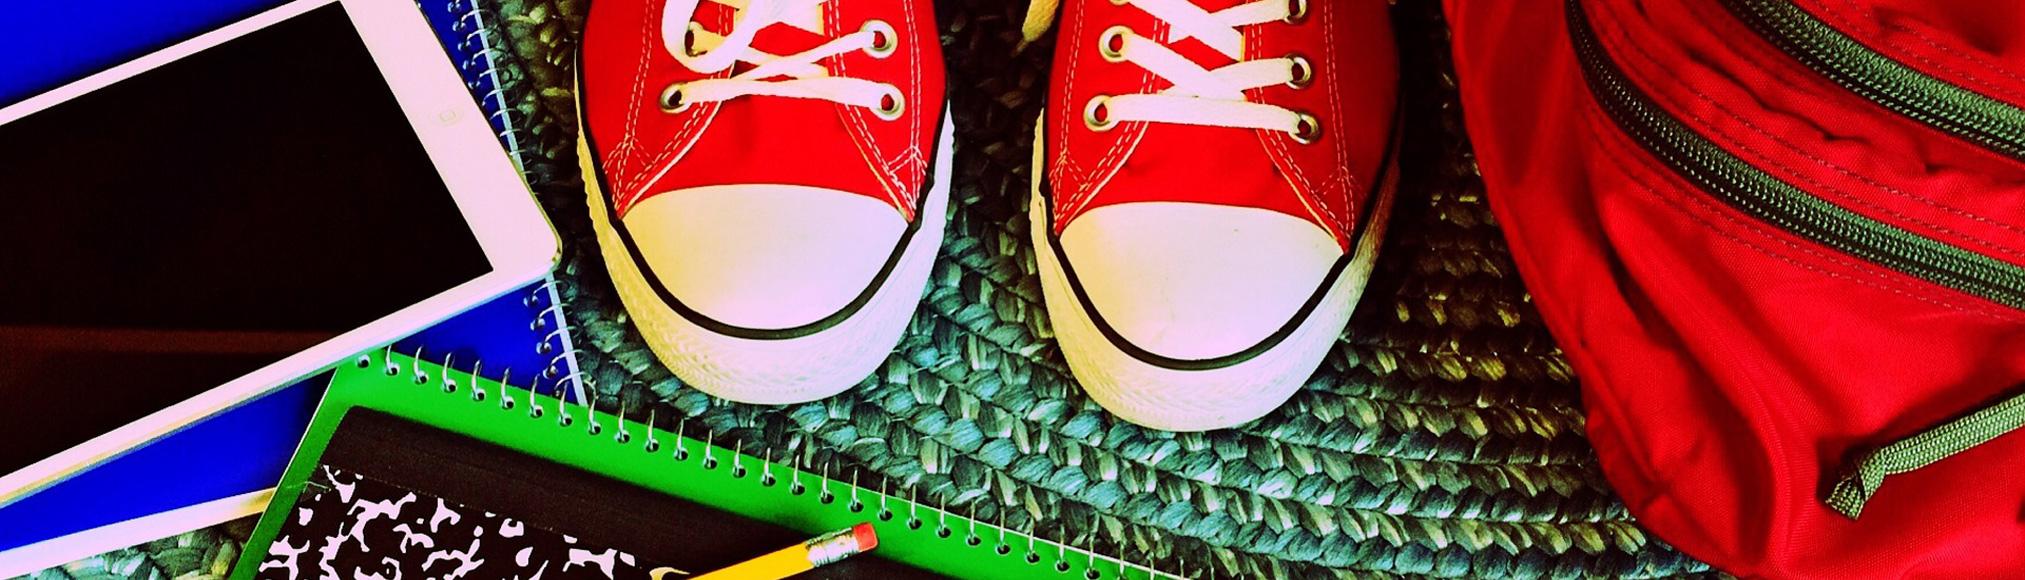 Foto von Schulzeug Rucksack und sneaker in rot, block blau und rosa tablet